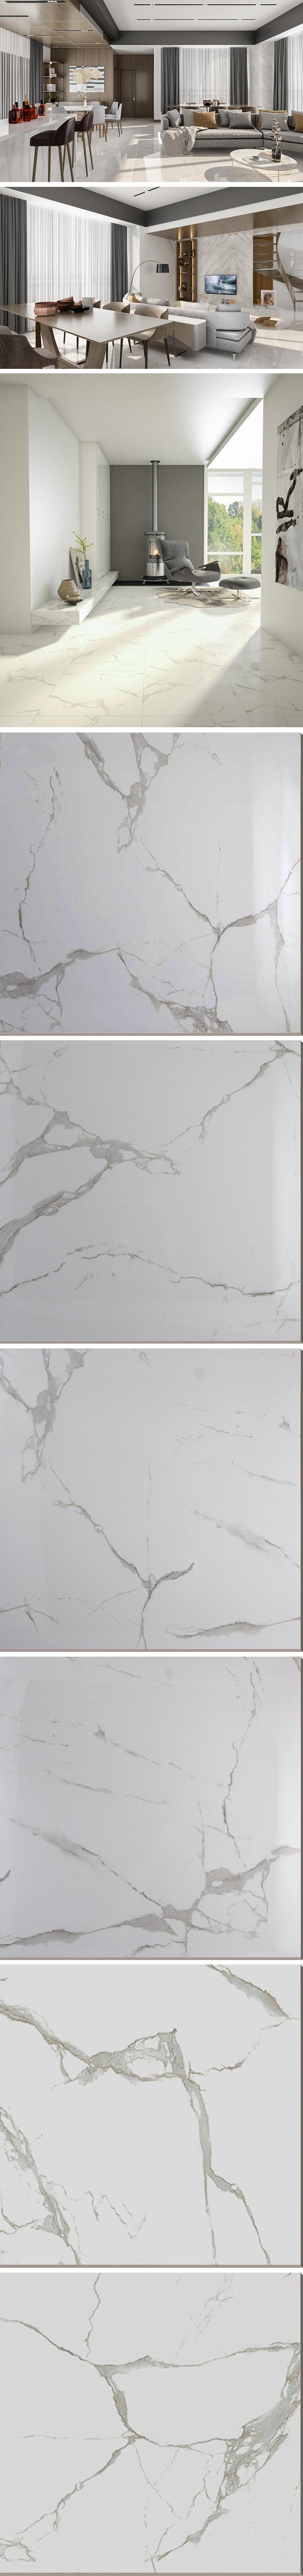 Gepolijst porselein wit marmer woonkamer muur uni luxe floor carrara marmeren tegel